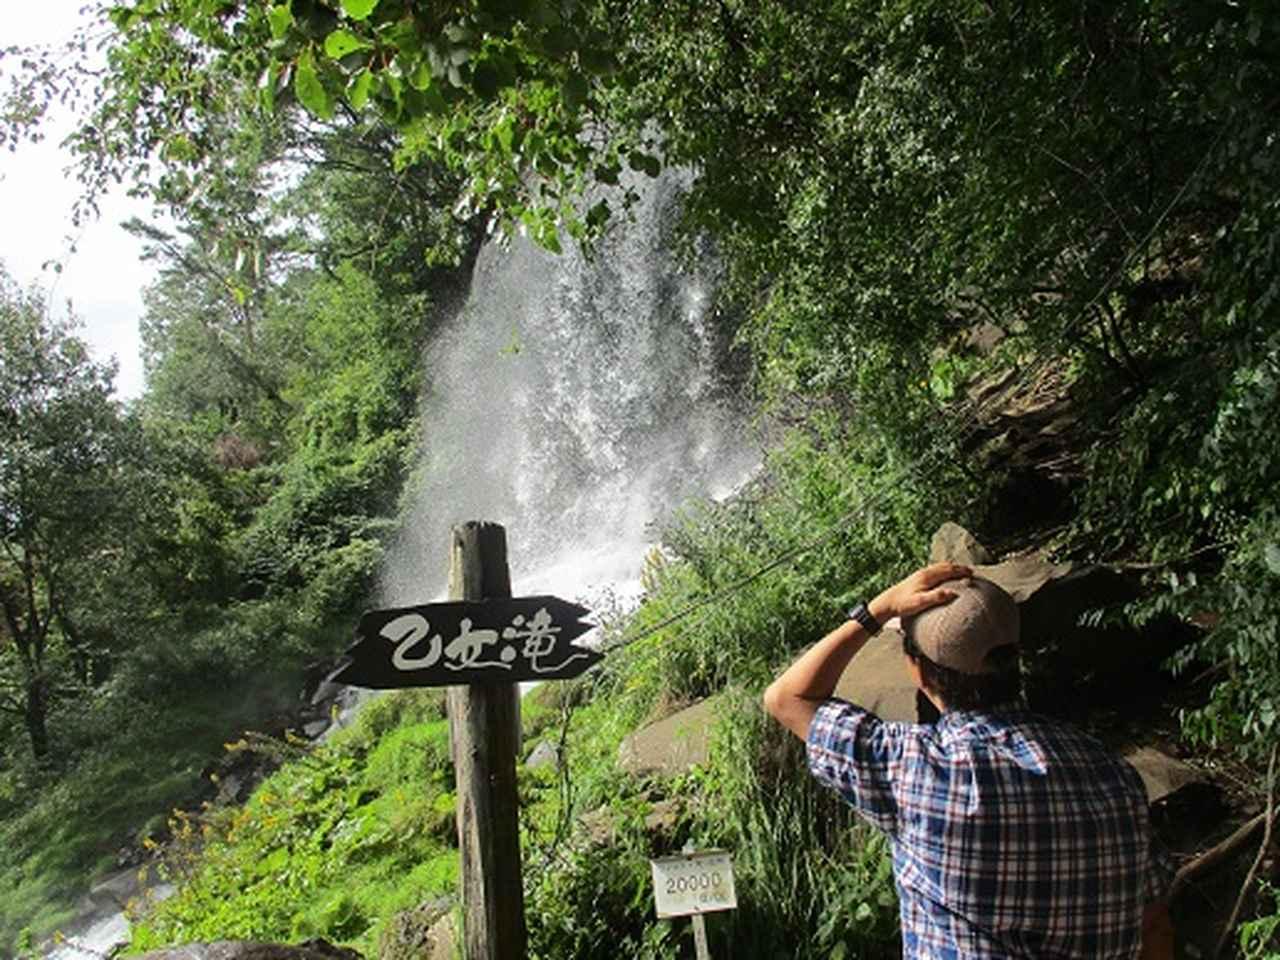 画像6: 【山旅会・登山ガイドこだわりツアー】岡田ガイドからの便り・双子池から亀甲池ツアーにいってまいりました!